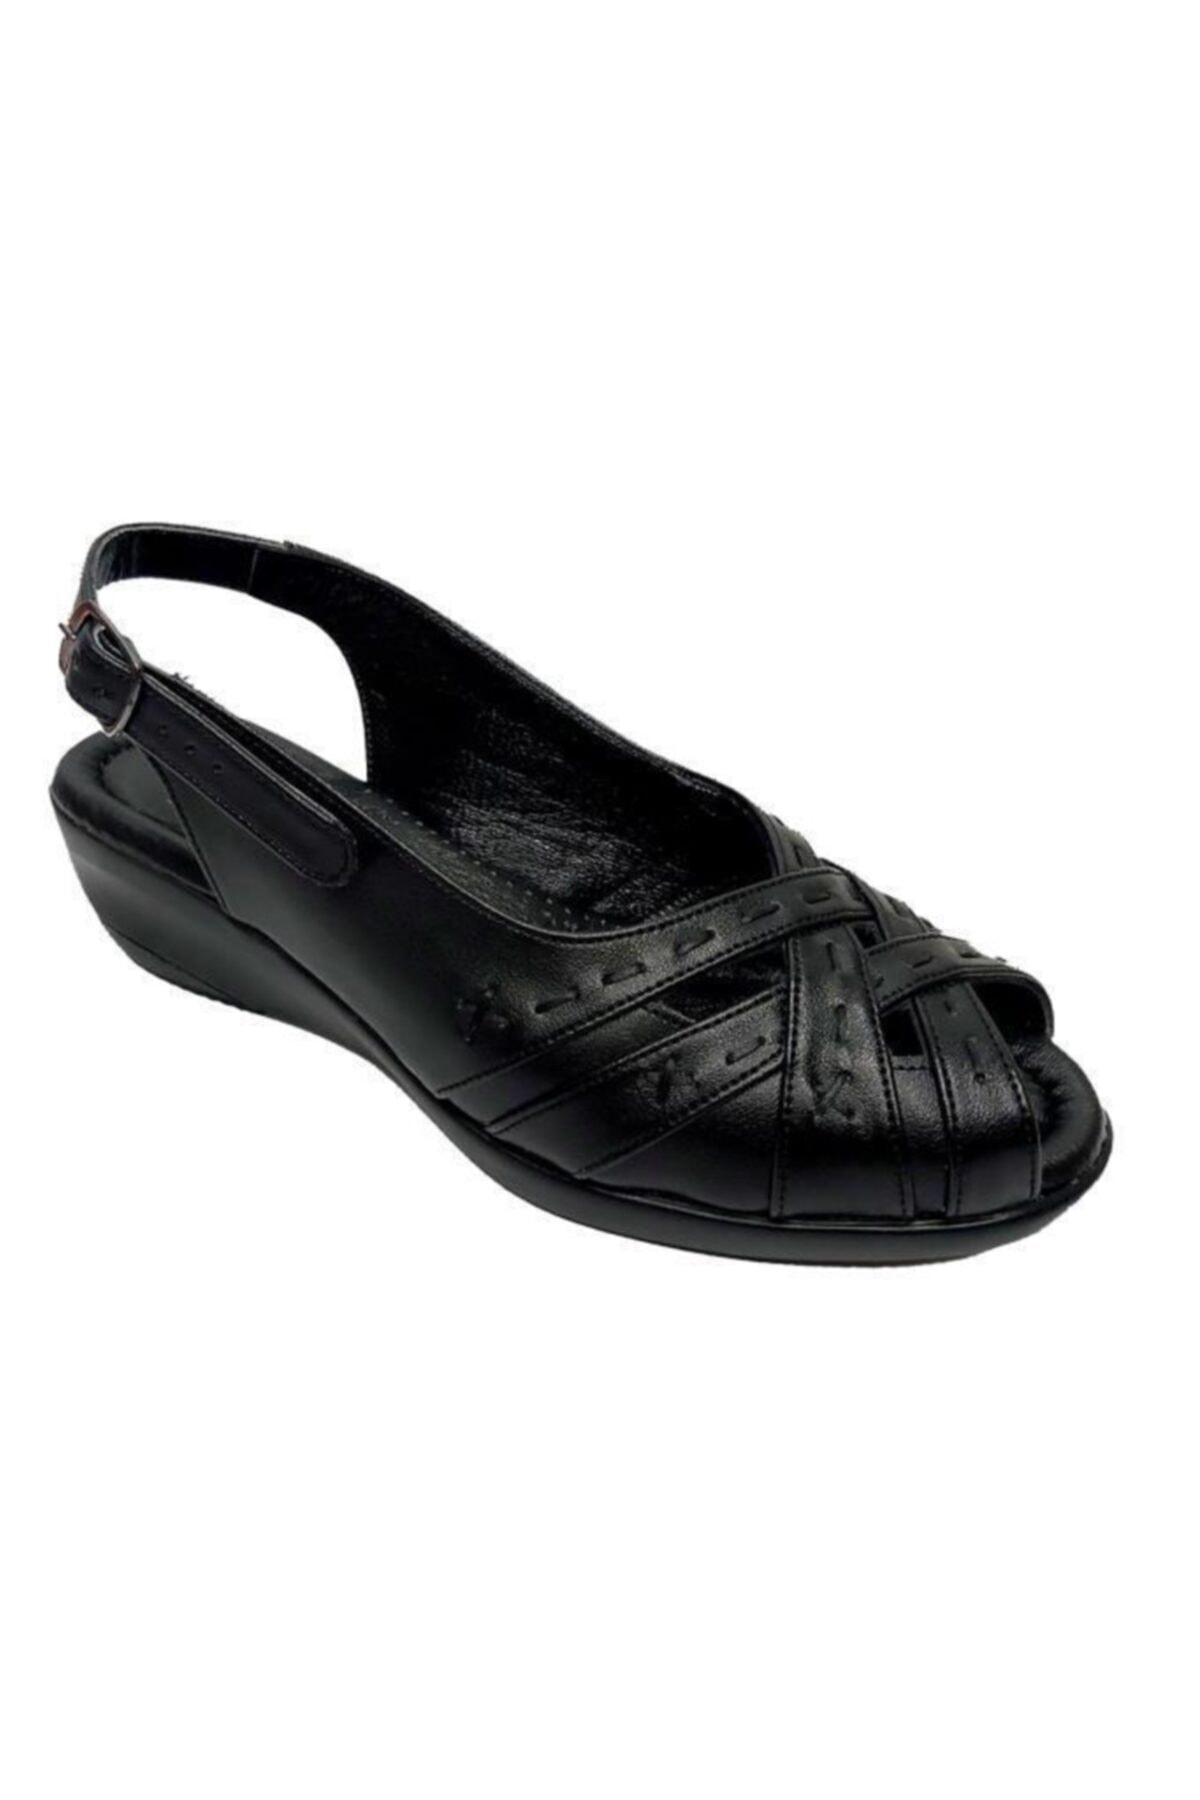 TRUVA Kadın Siyah Dolgu Topuk Sandalet